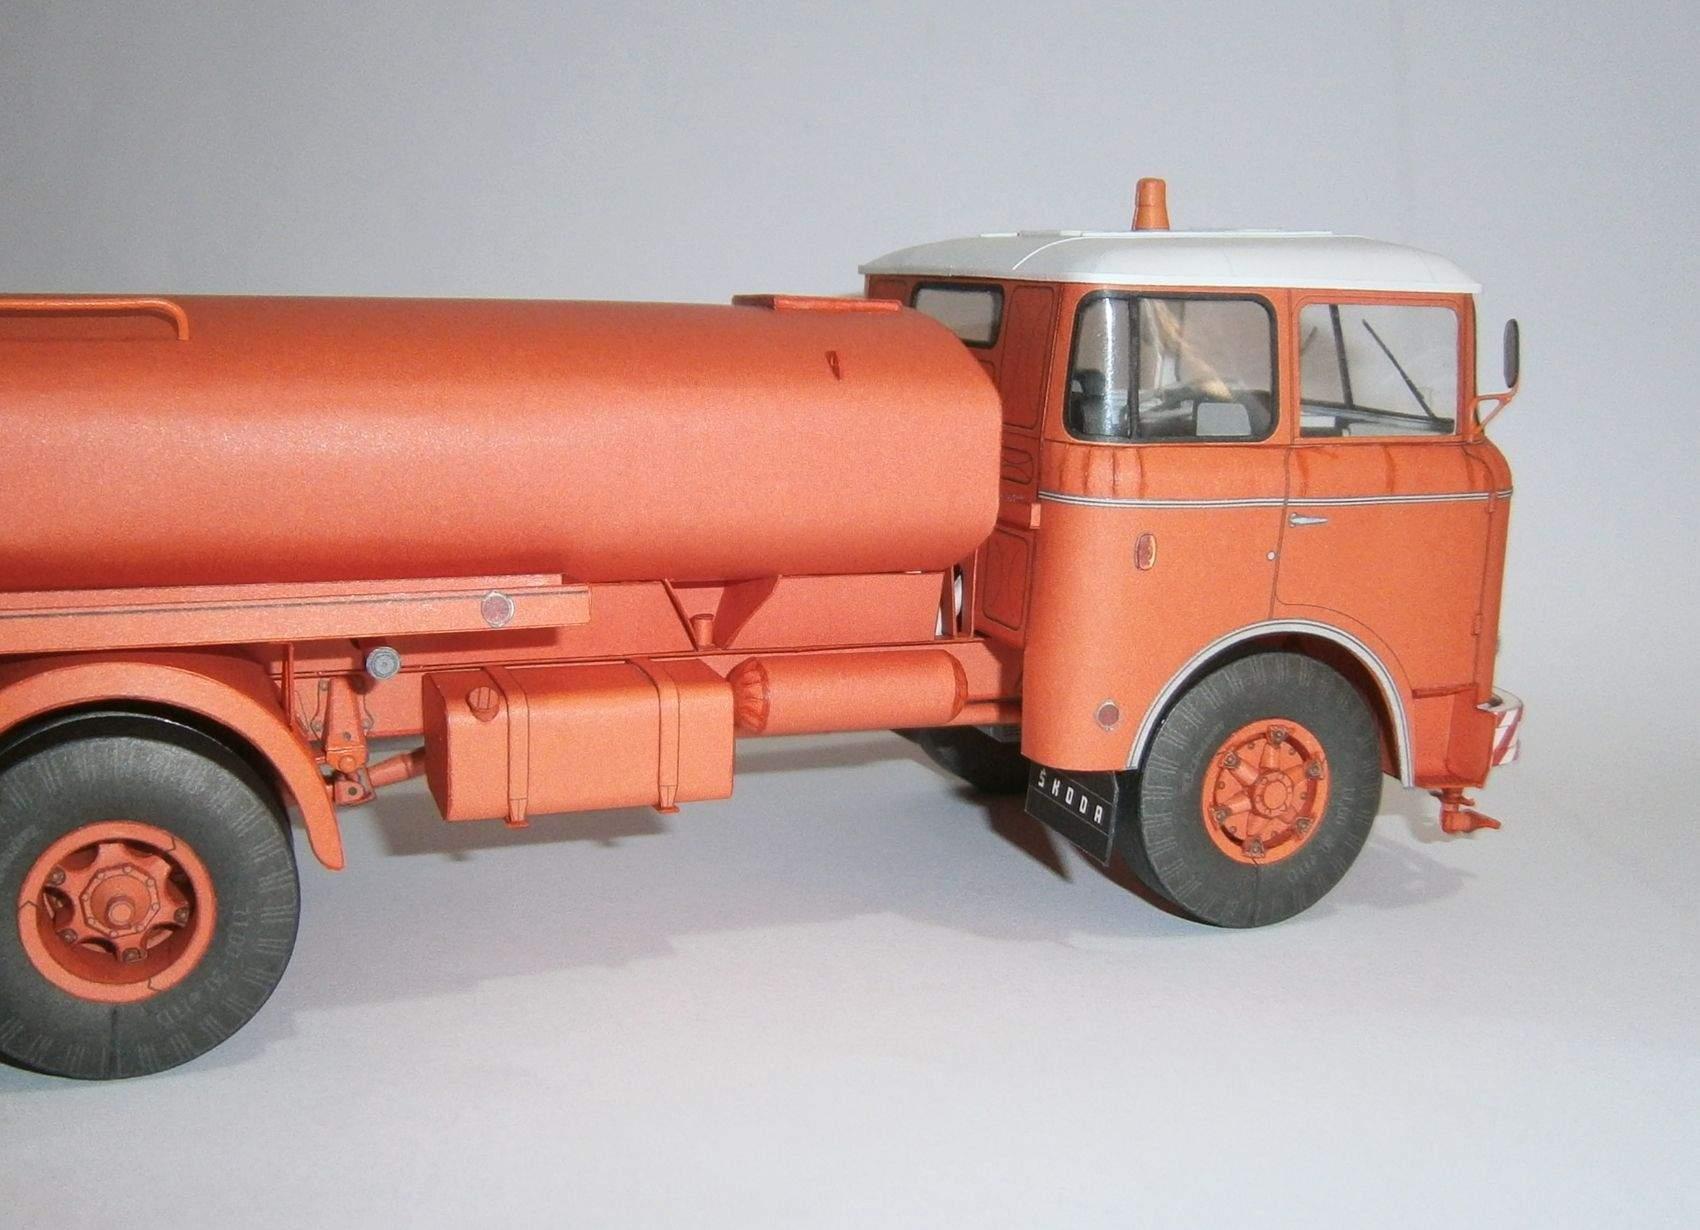 Š 706 RTH AKV-8